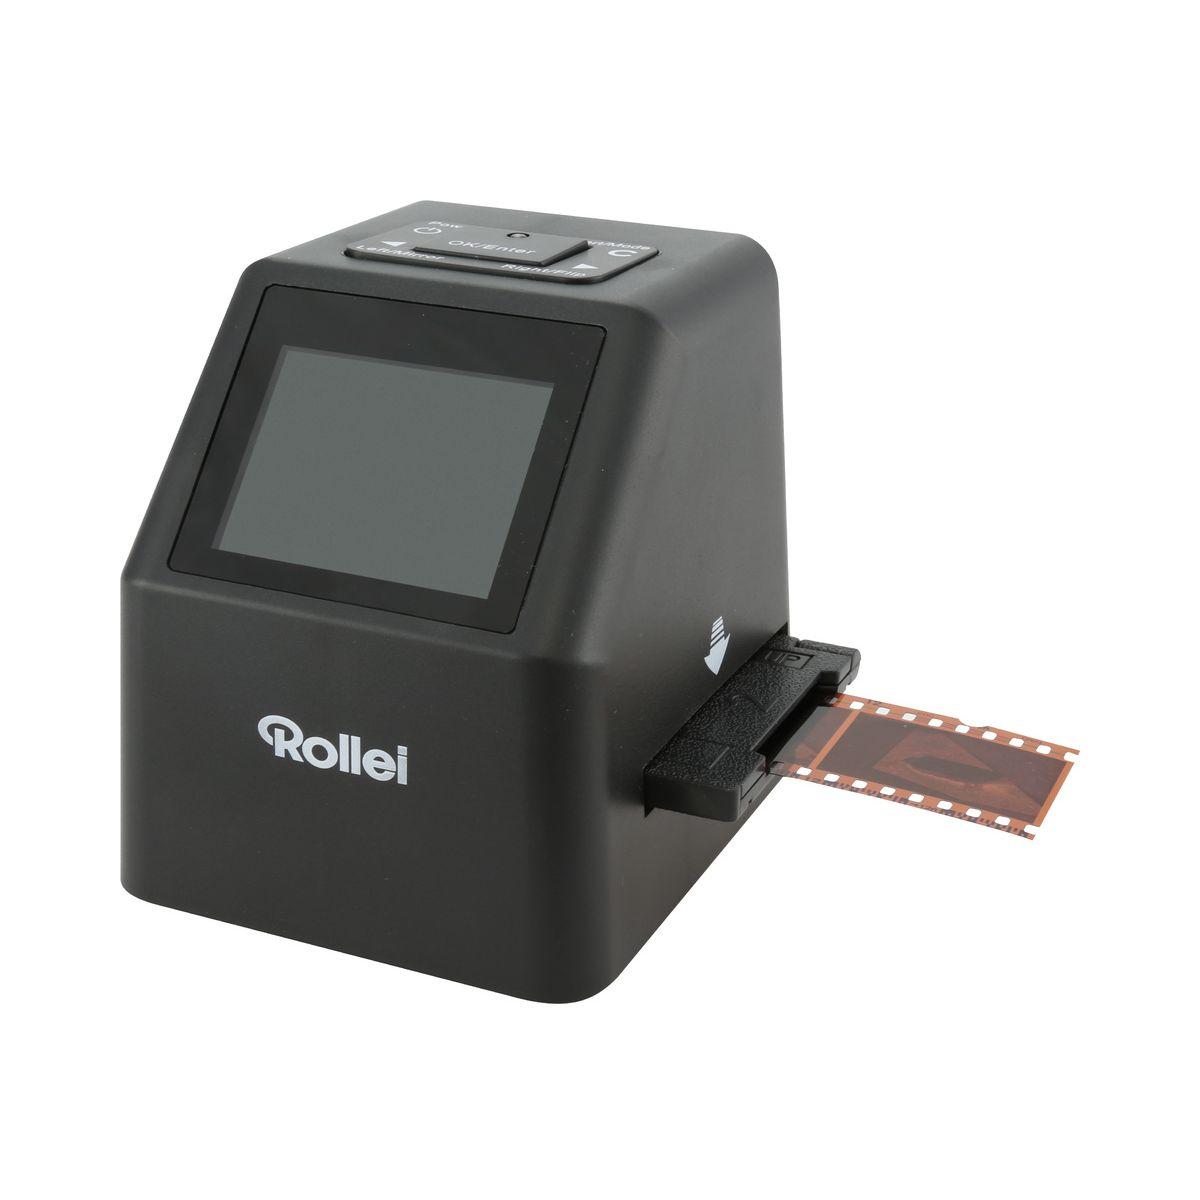 Scanner ROLLEI DF-S310 SE